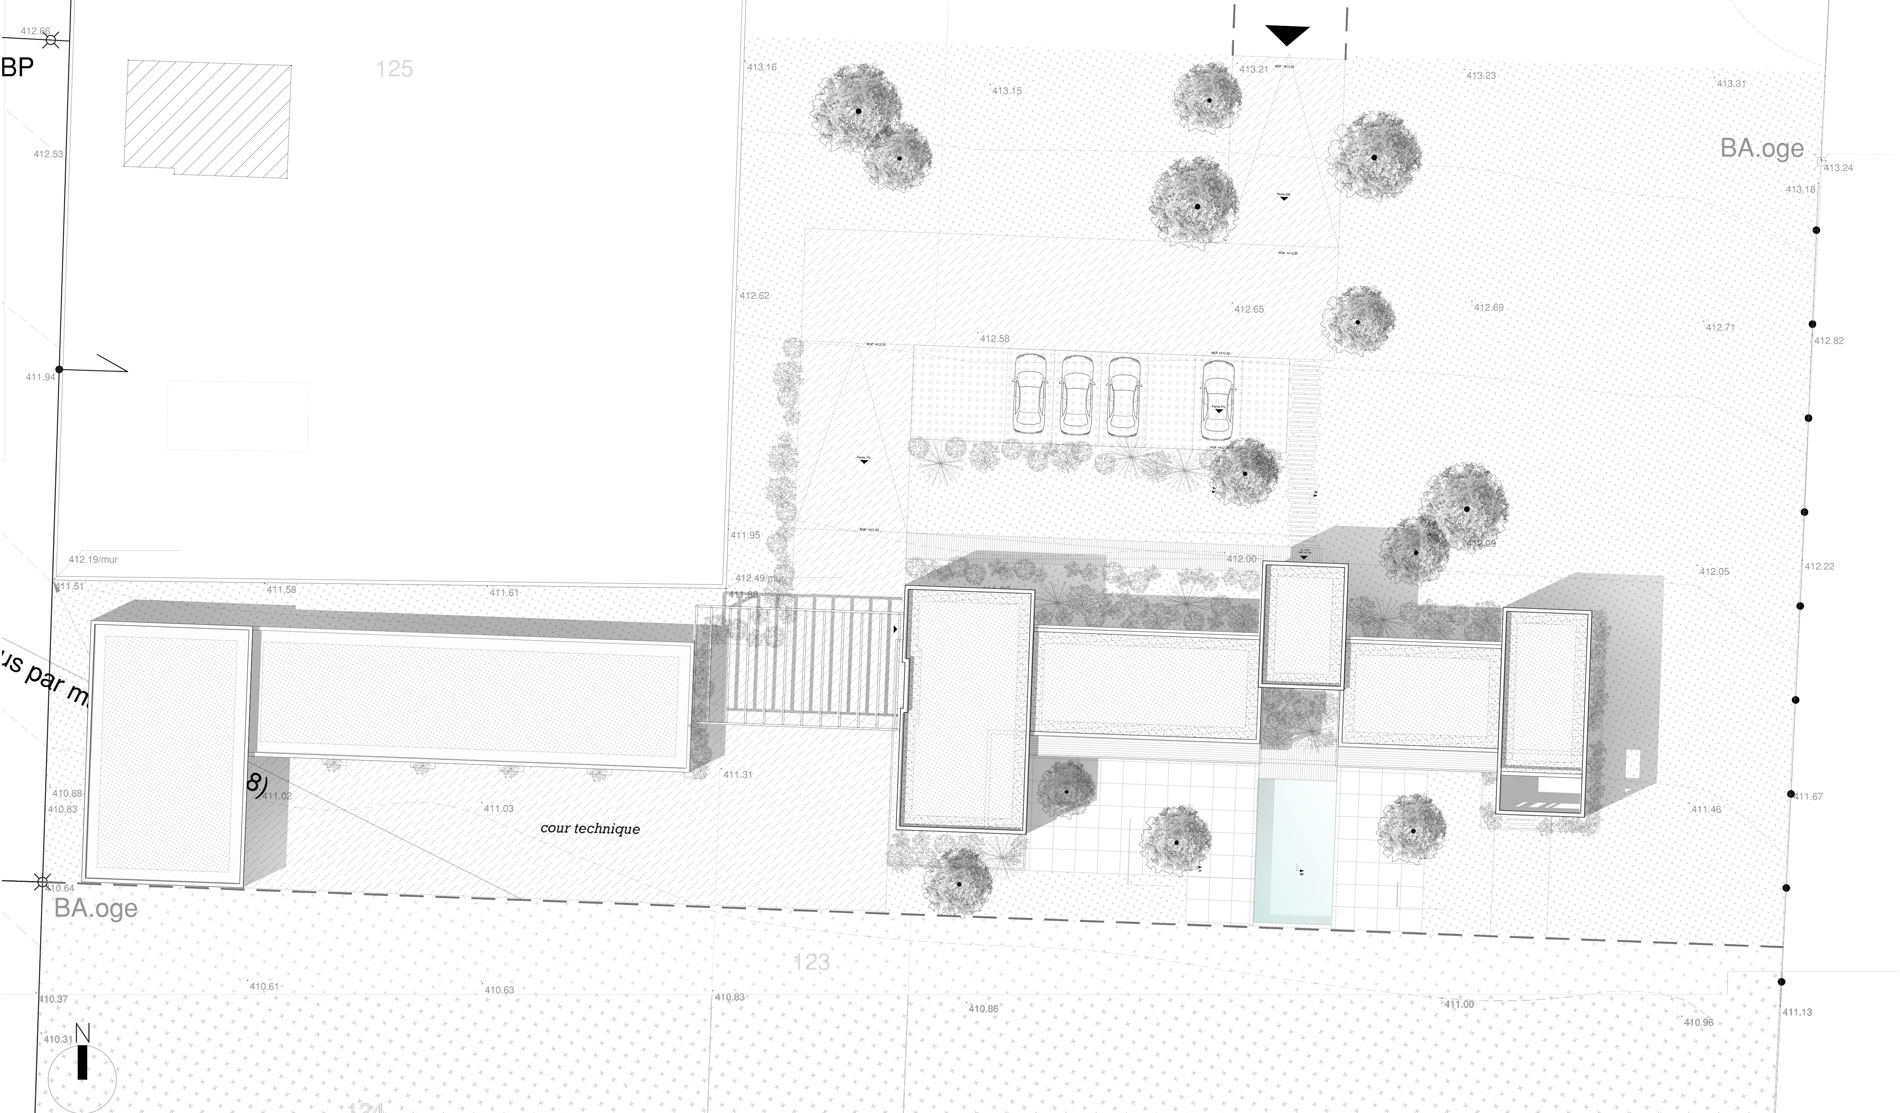 maison-contemporaine-toiture-terrasse-bois-metal-brique-piscine-spa-plan